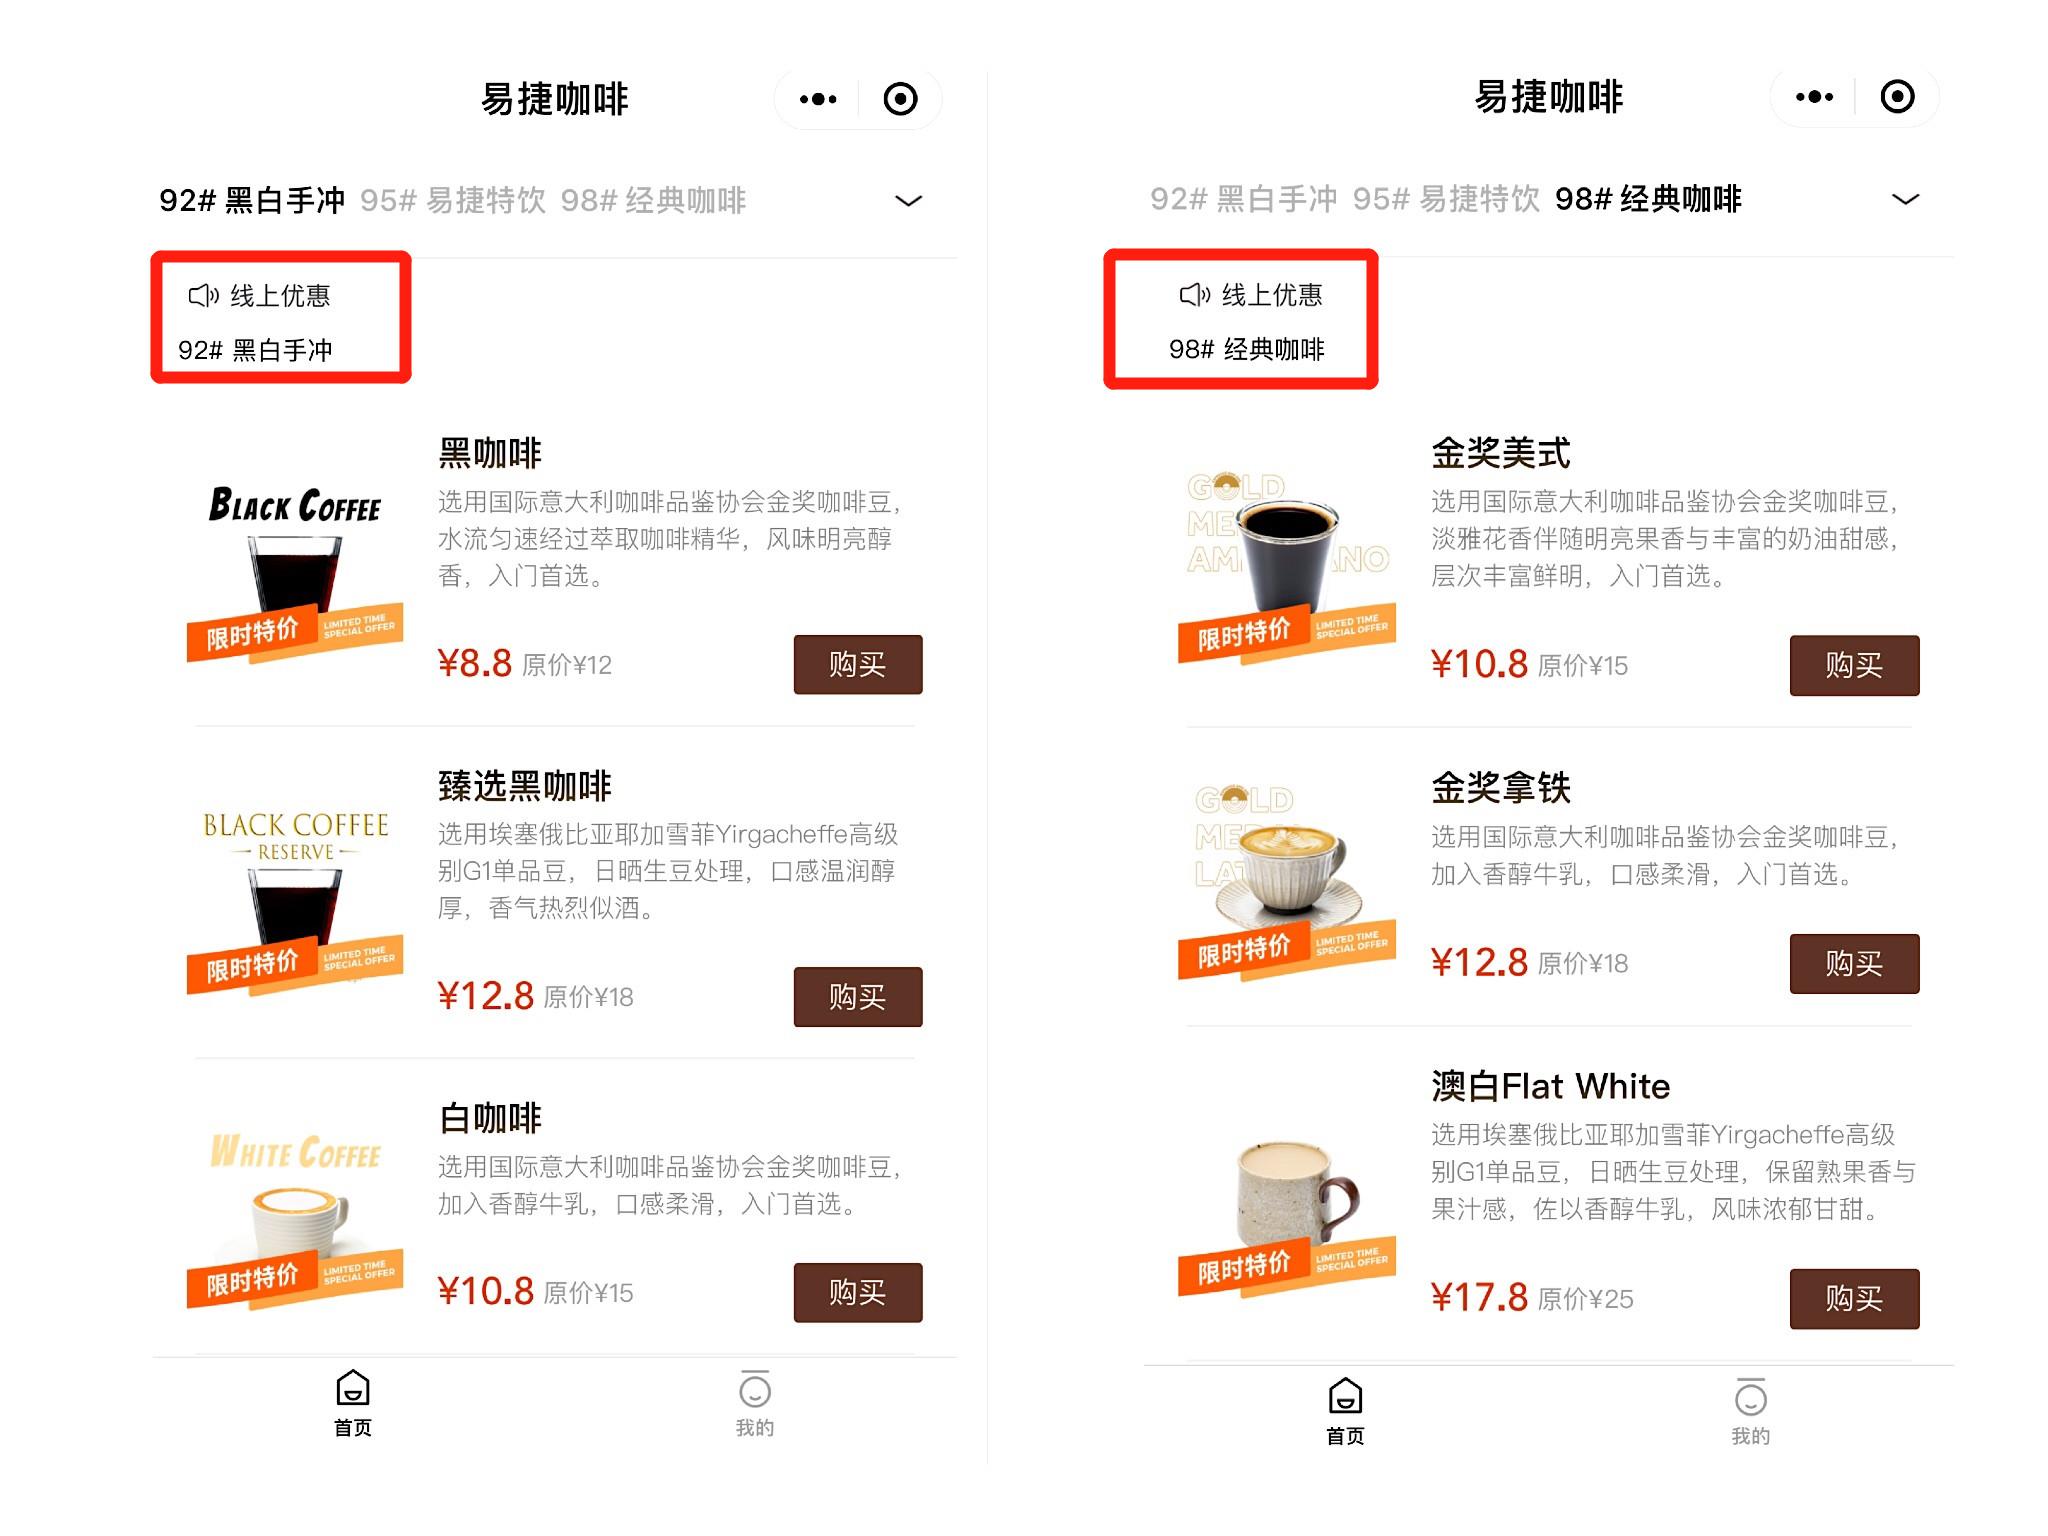 中石化卖咖啡,是真香还是坑?